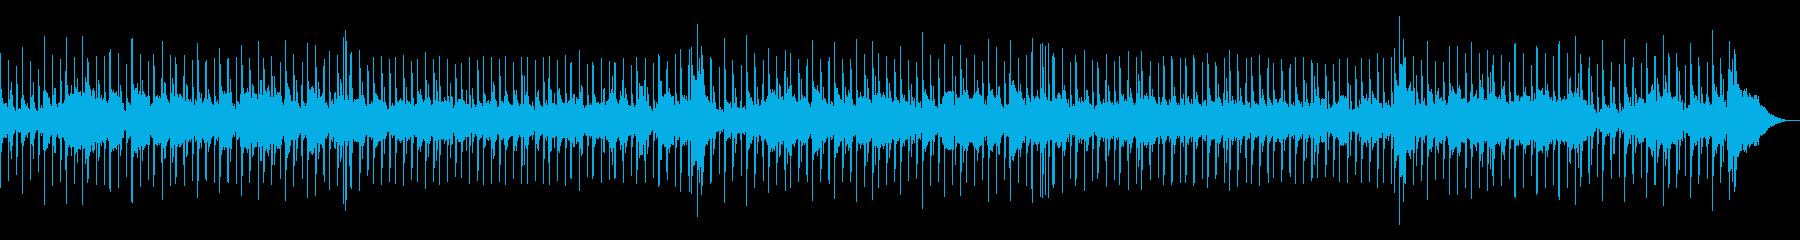 ムーディーな夜を演出するBGMの再生済みの波形